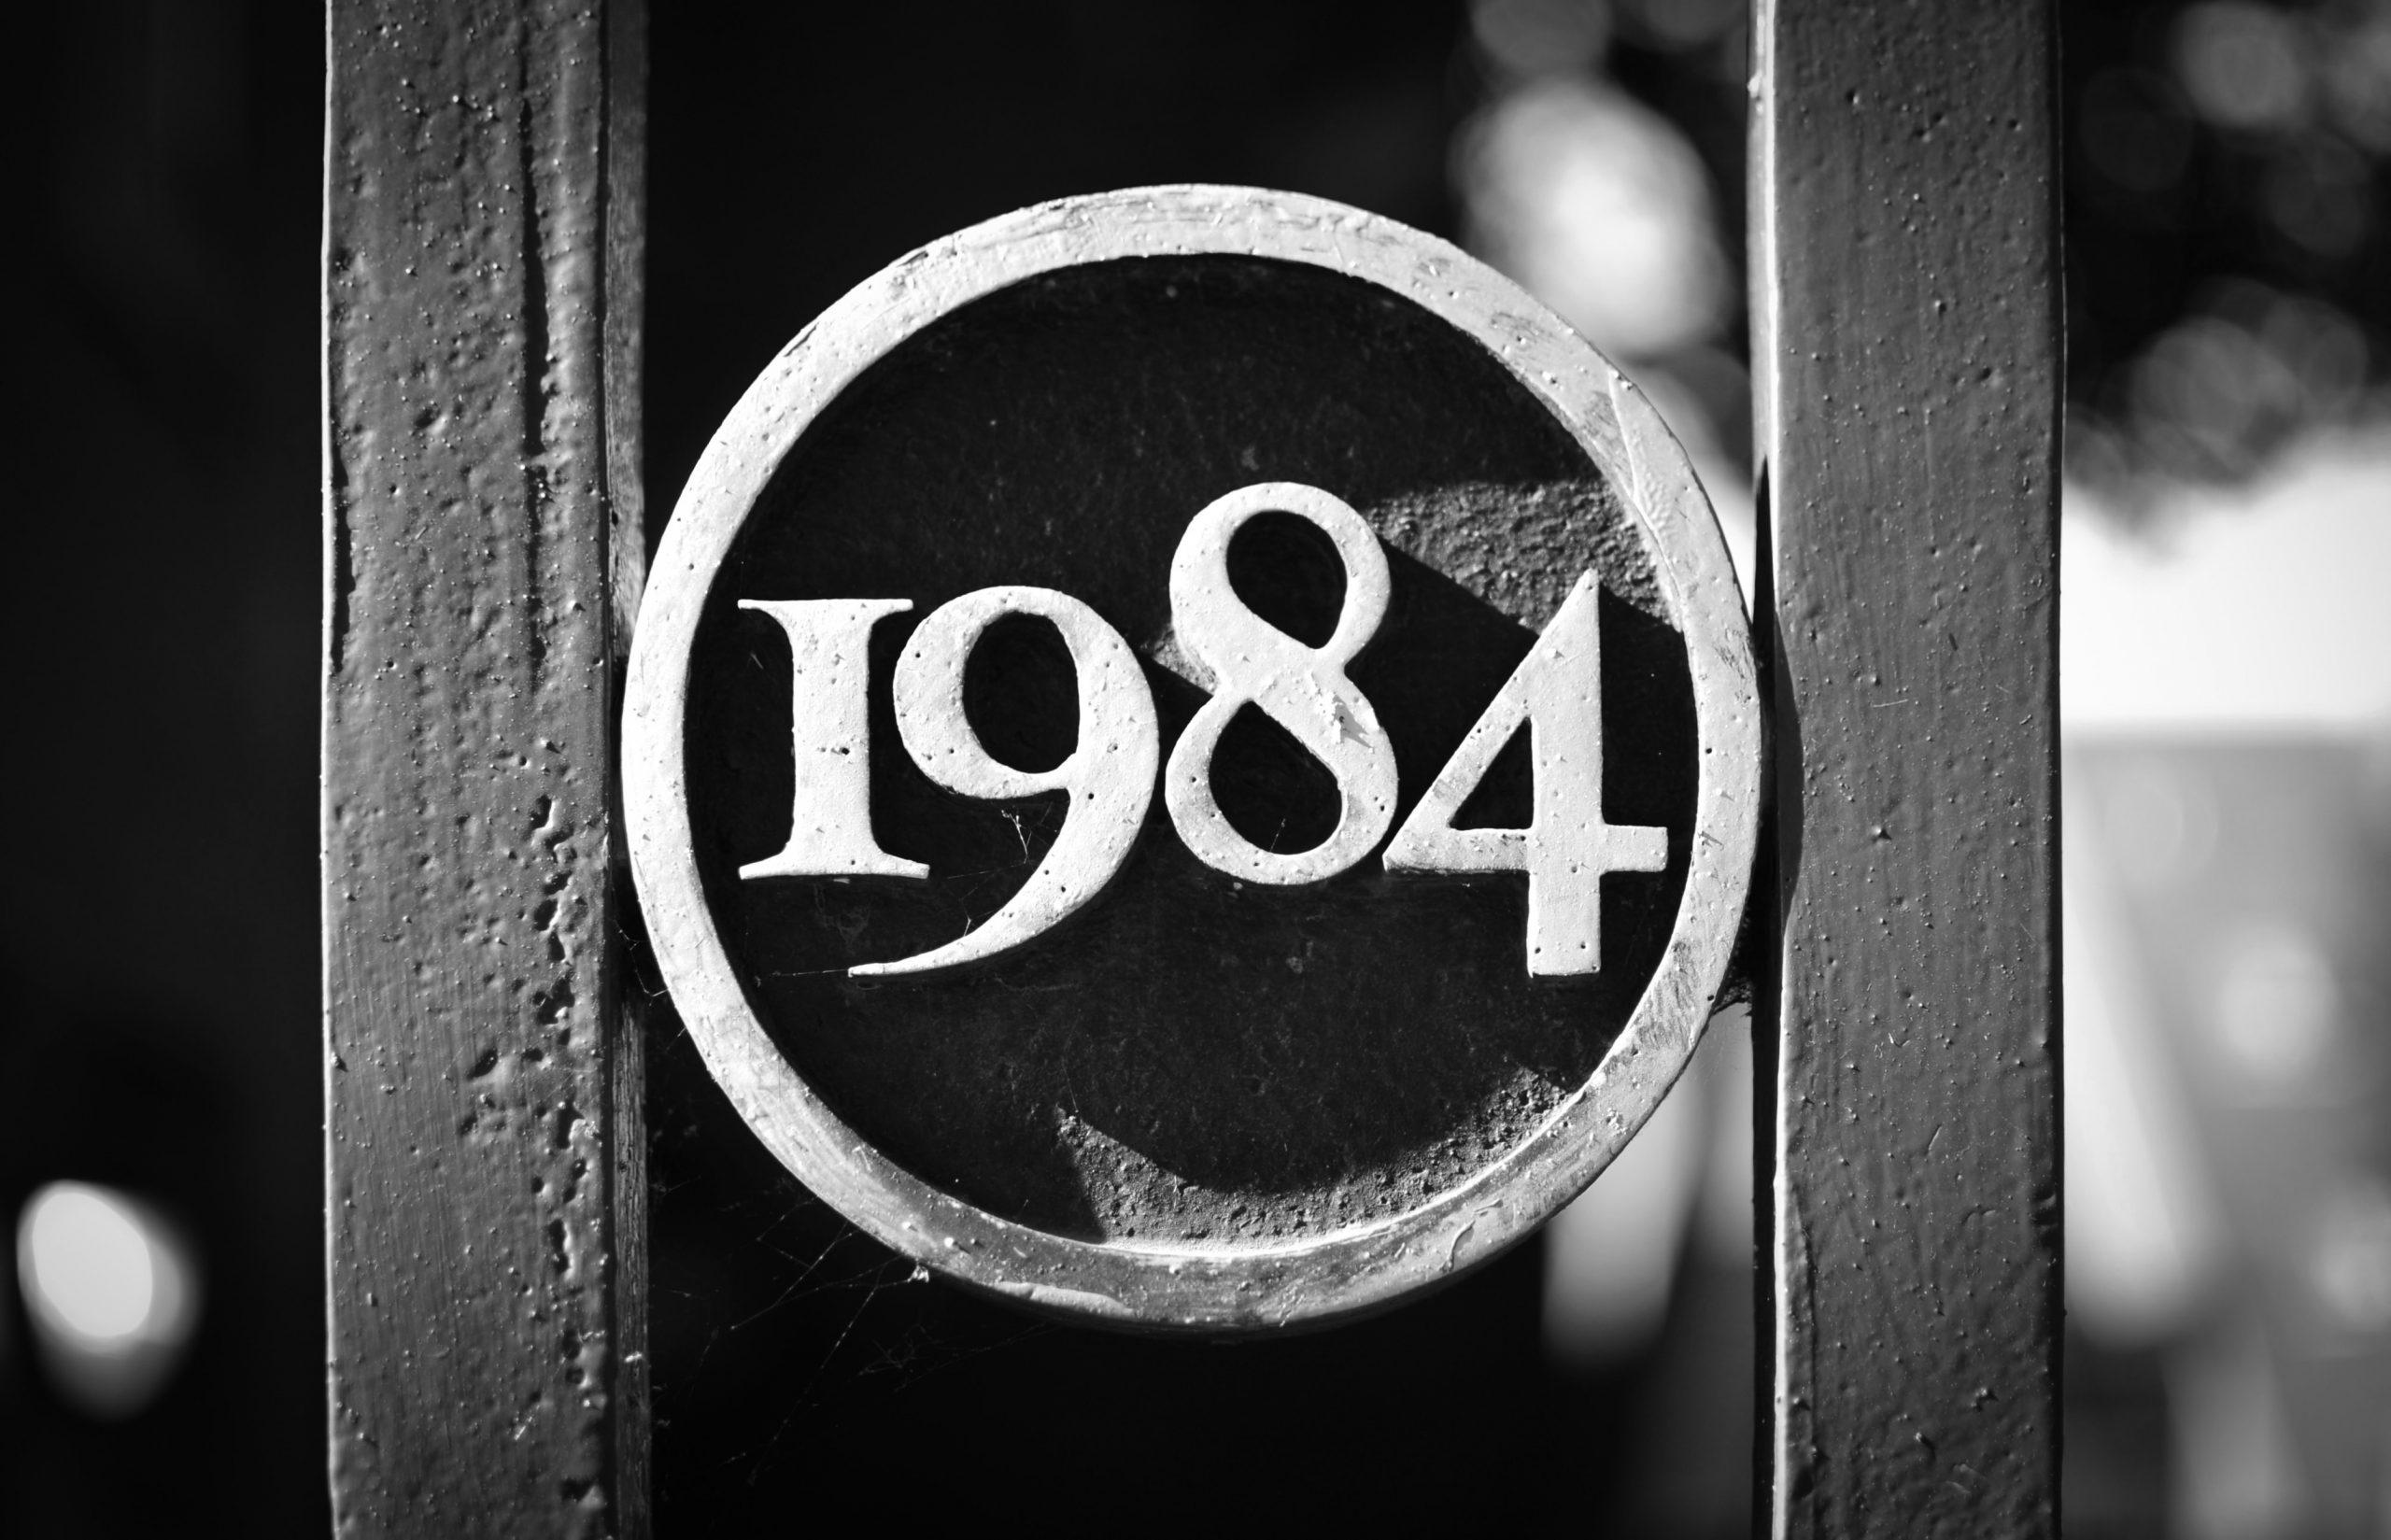 「最恐のおすすめ小説『1984年』byジョージ・オーウェルの紹介!」のアイキャッチ画像